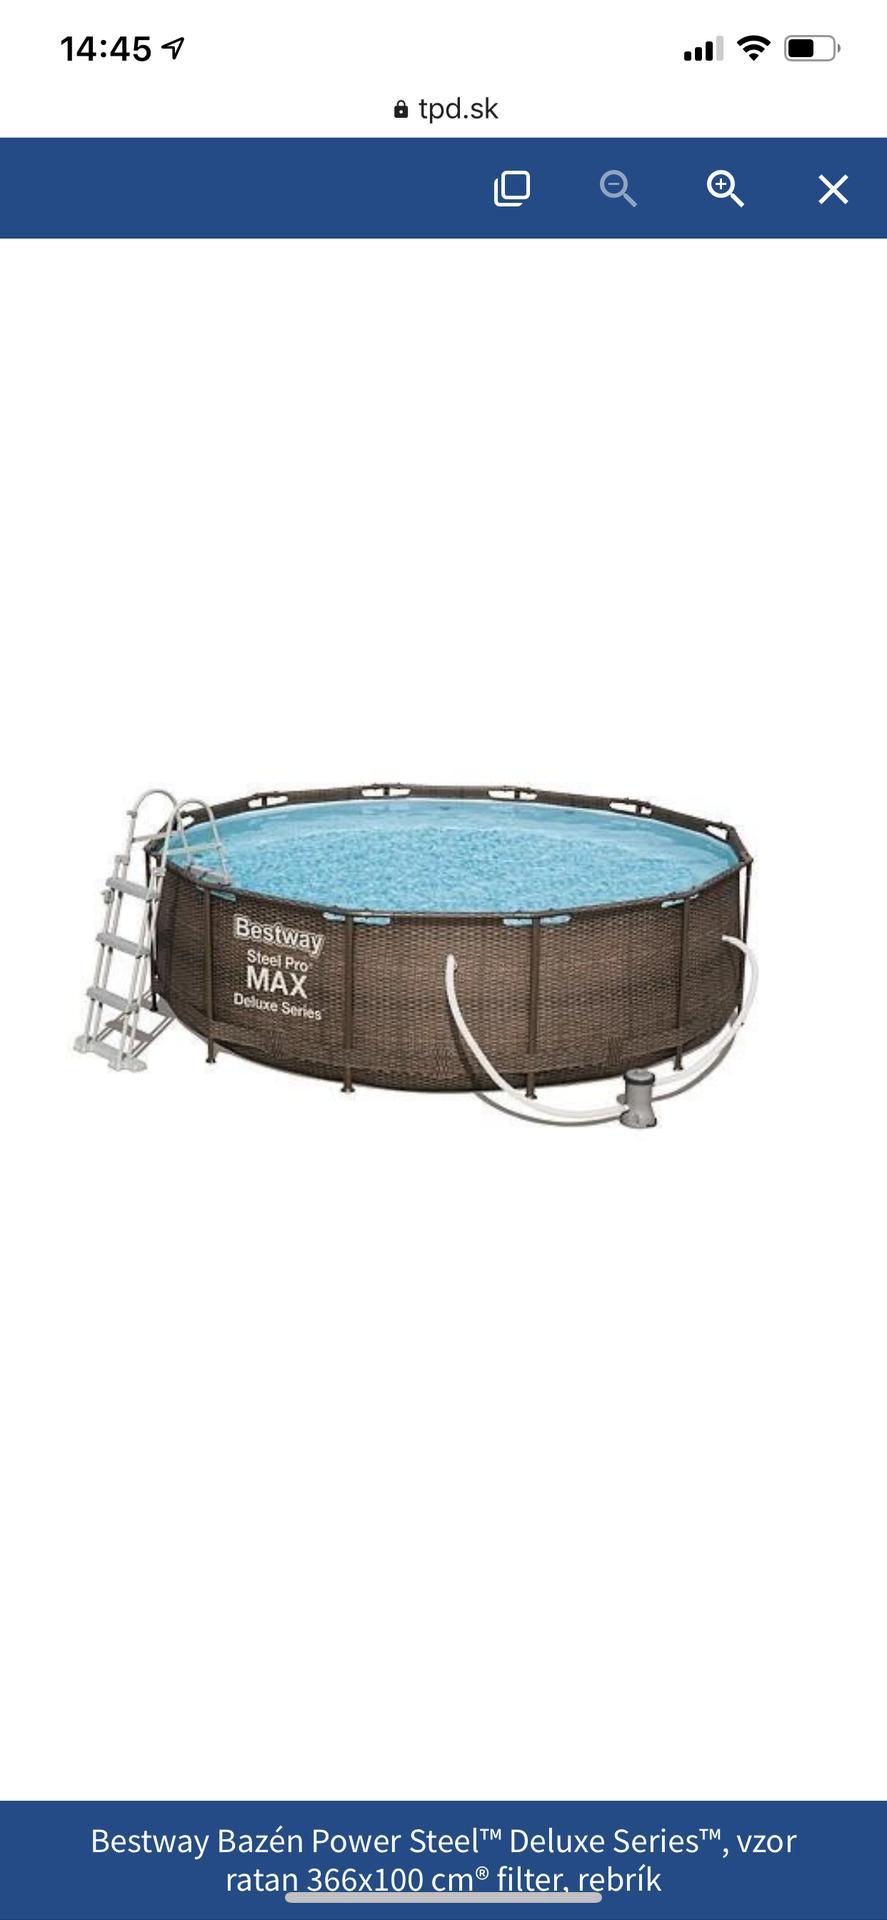 Nákupy do domčeka 🏡 - Nadzemný bazén, aspoň kým nebudeme riešiť exteriér a kým si to nerozmyslime nám bude snáď stačiť 😇 kupovaný v kinekuse, keďže ho mali za bezkonkurenčnú cenu ❤️